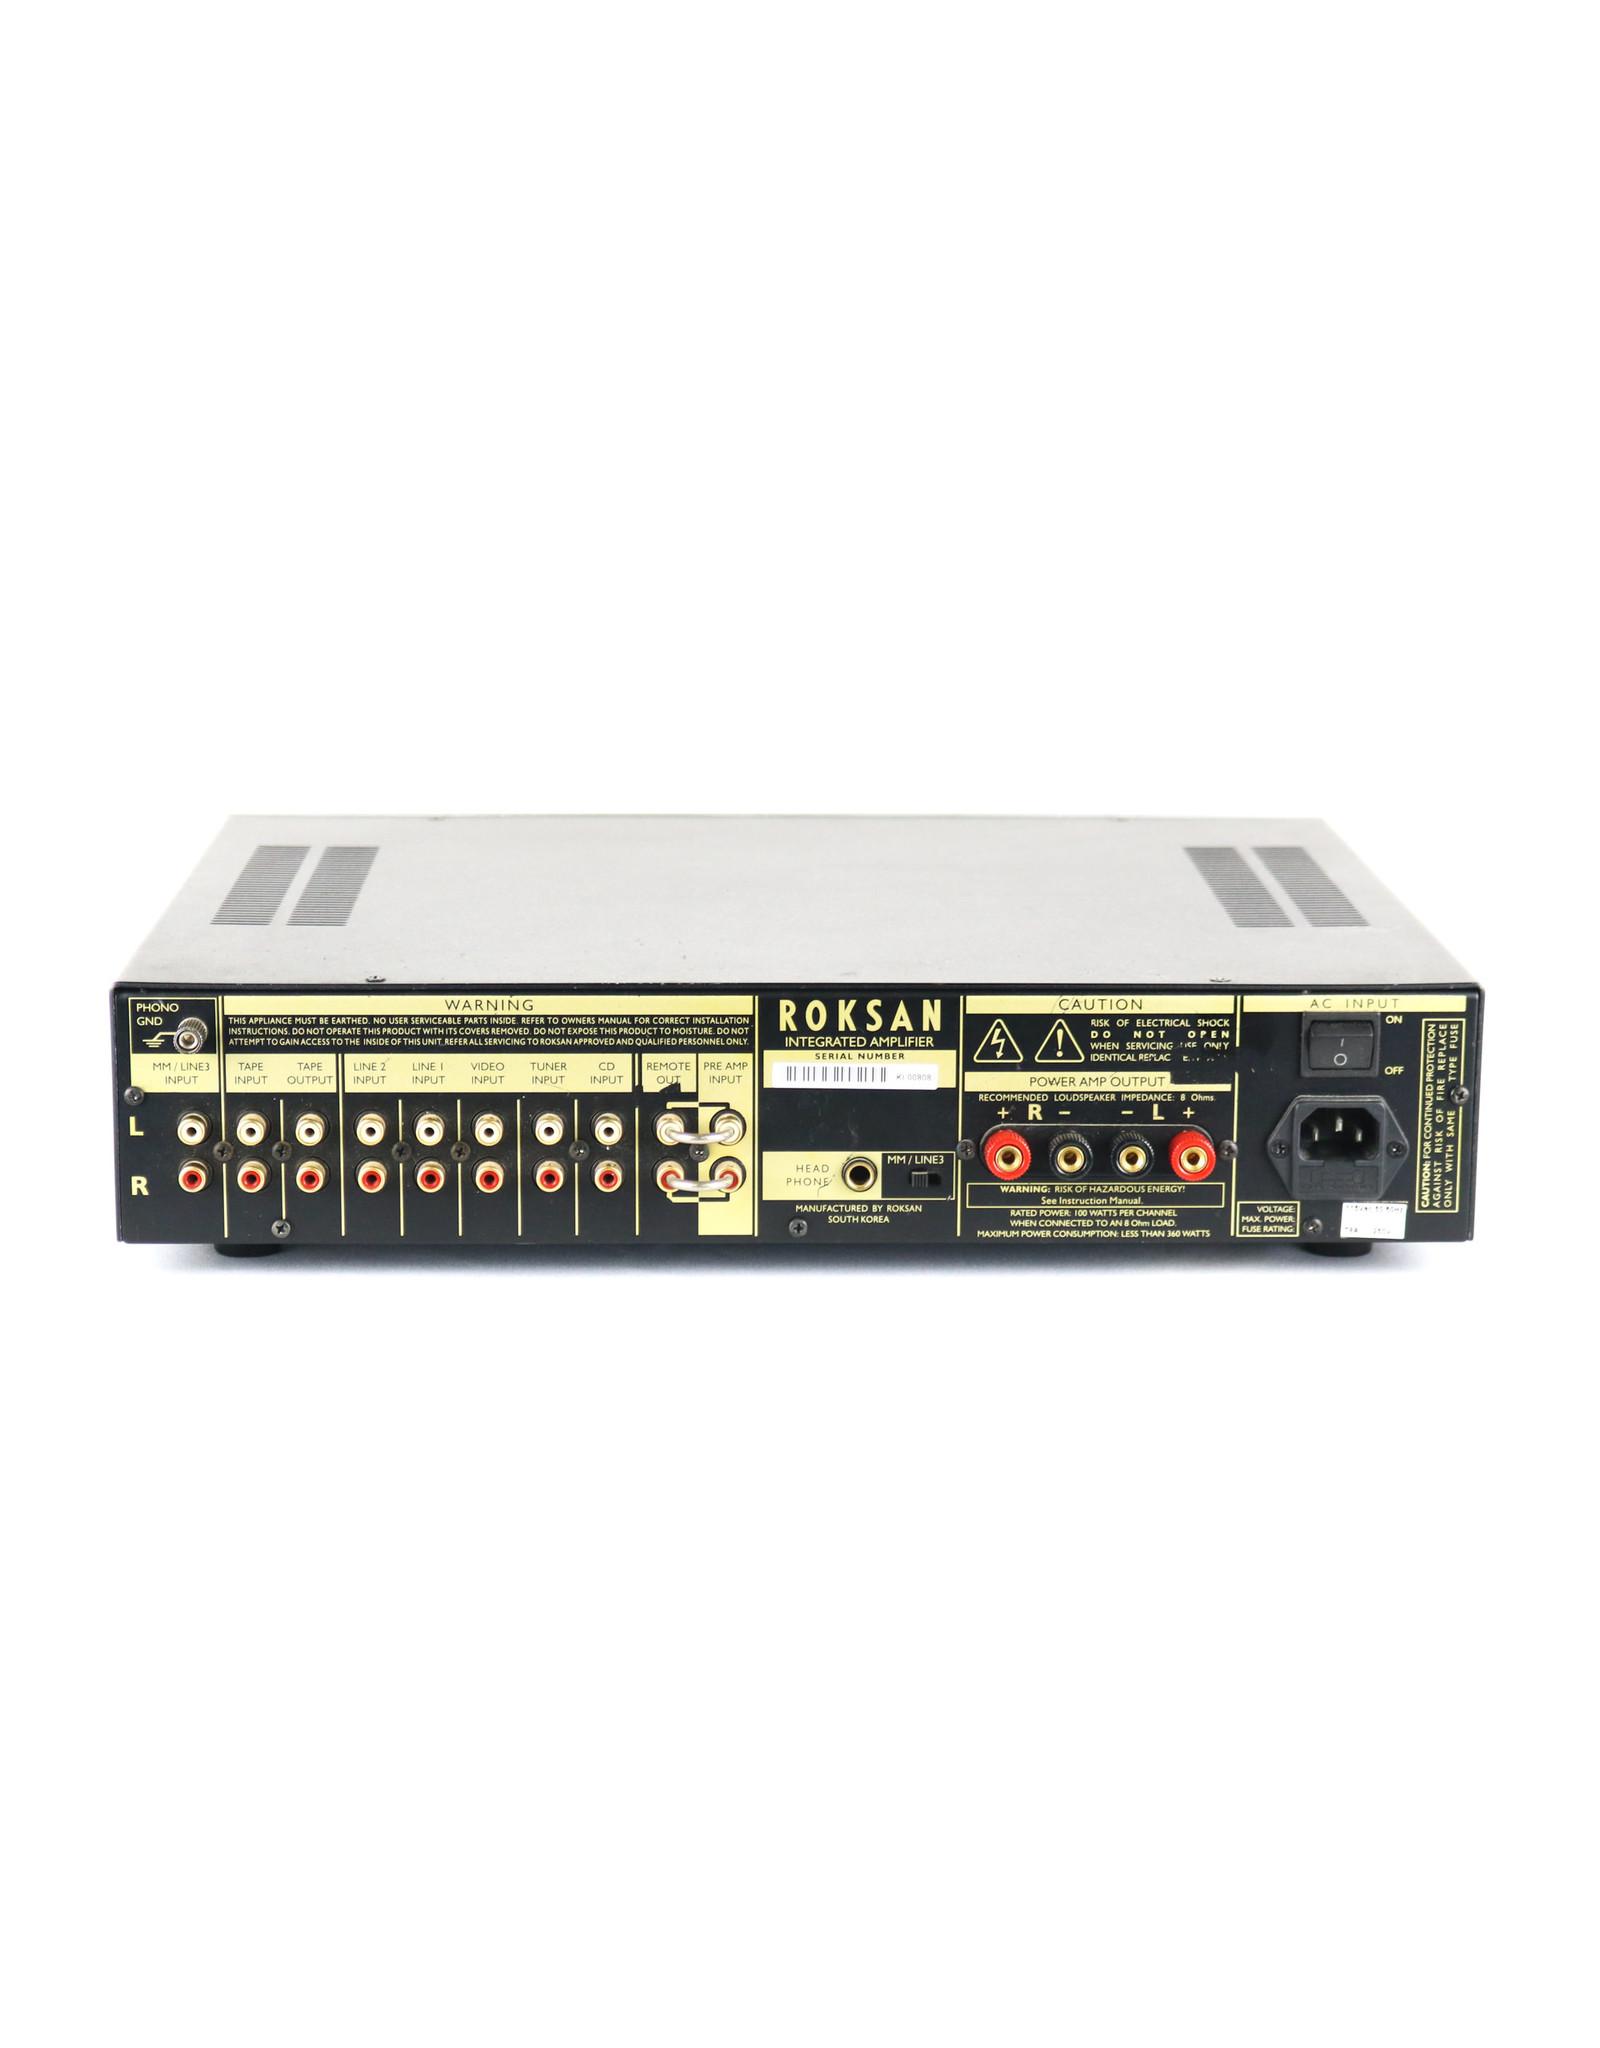 Roksan Roksan Kandy KA-1 Integrated Amp USED